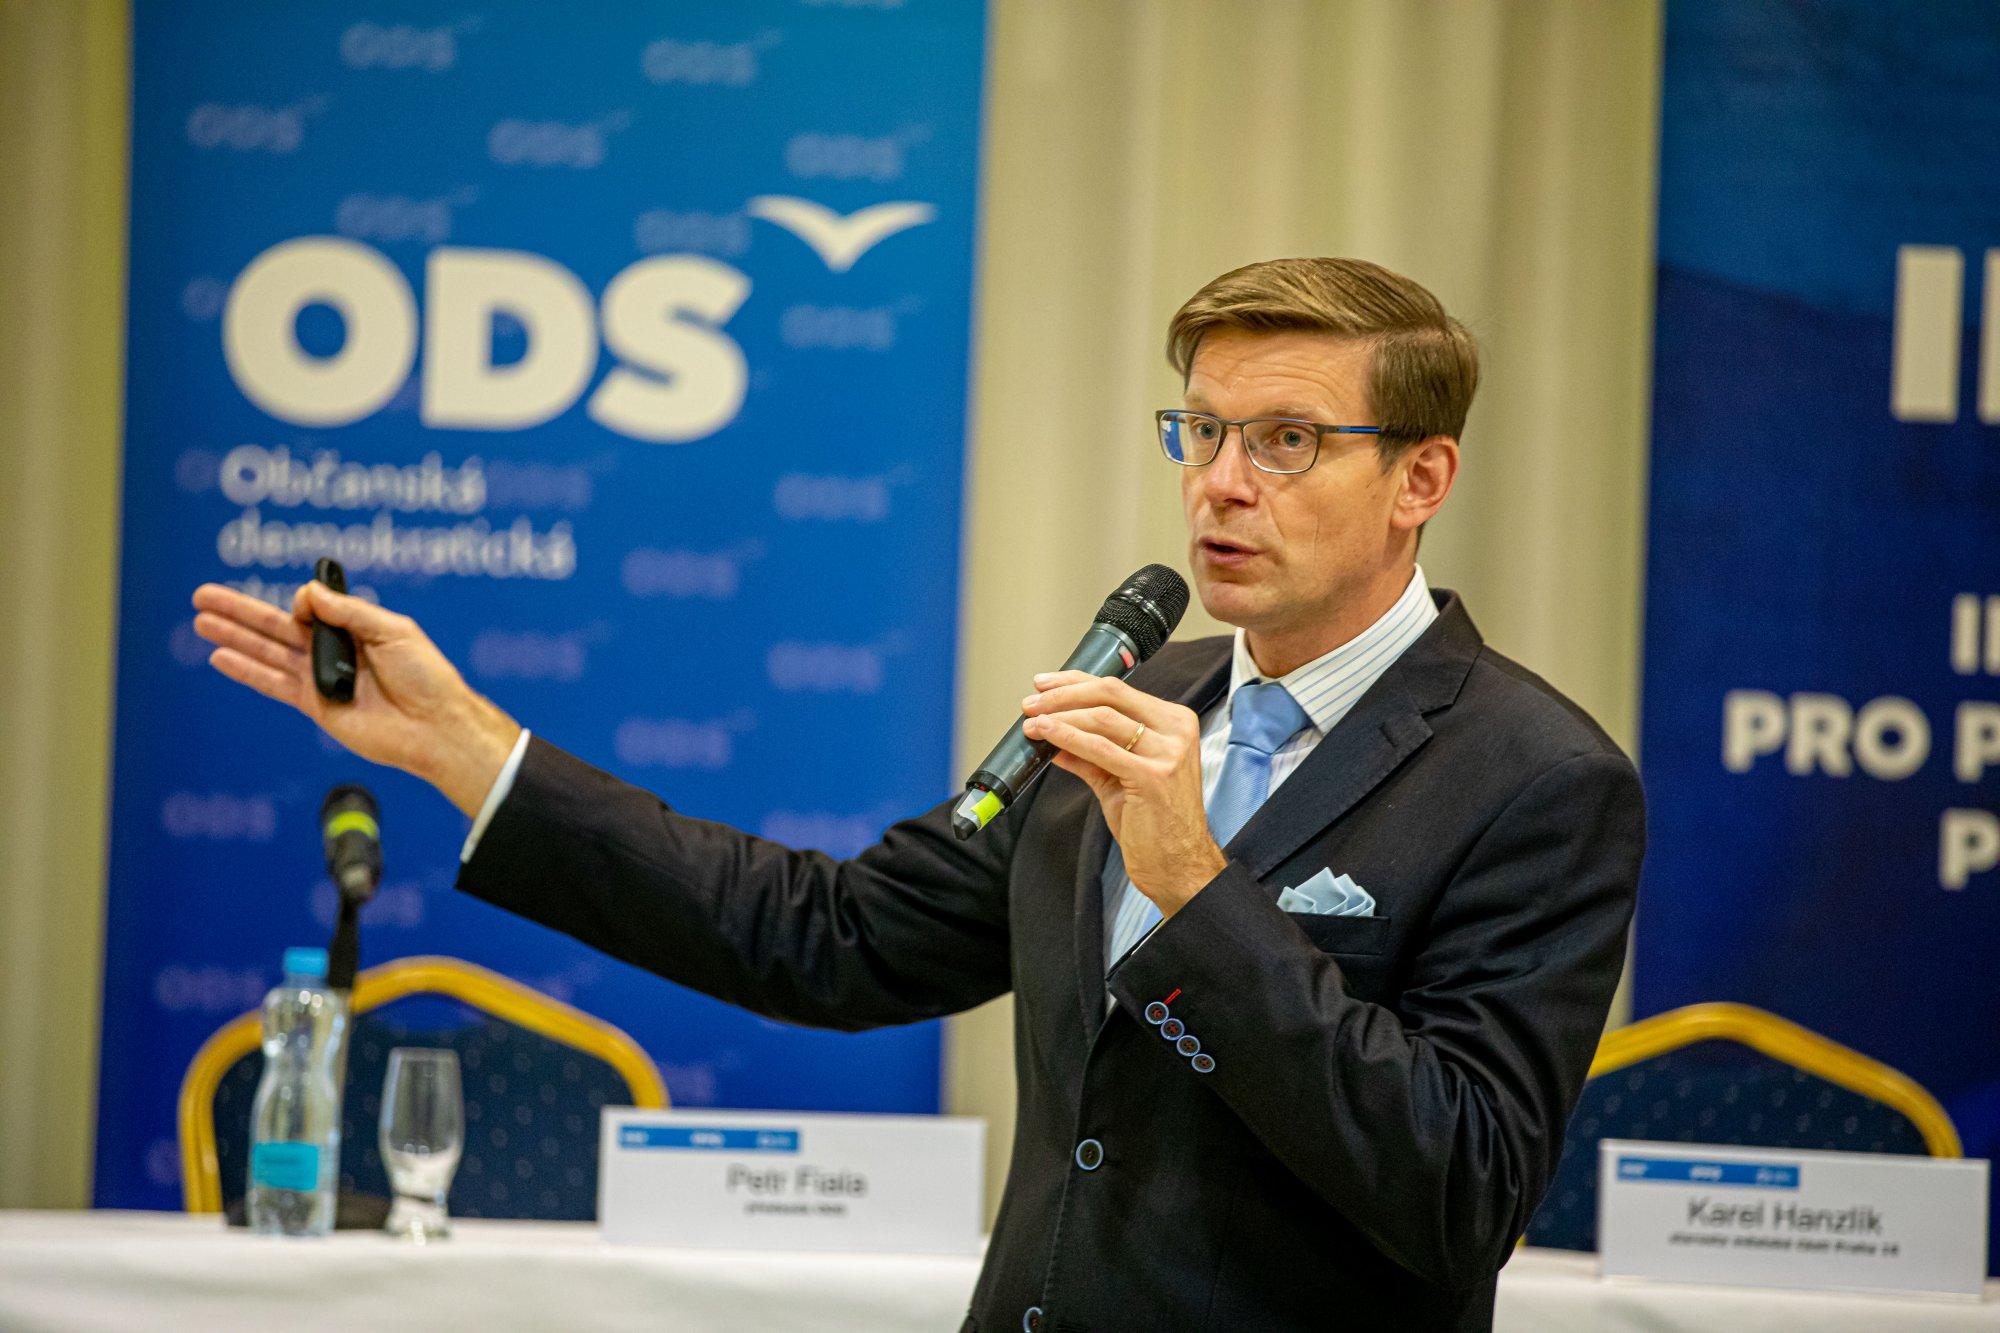 Středočeský kraj musí víc bojovat za Pražský okruh